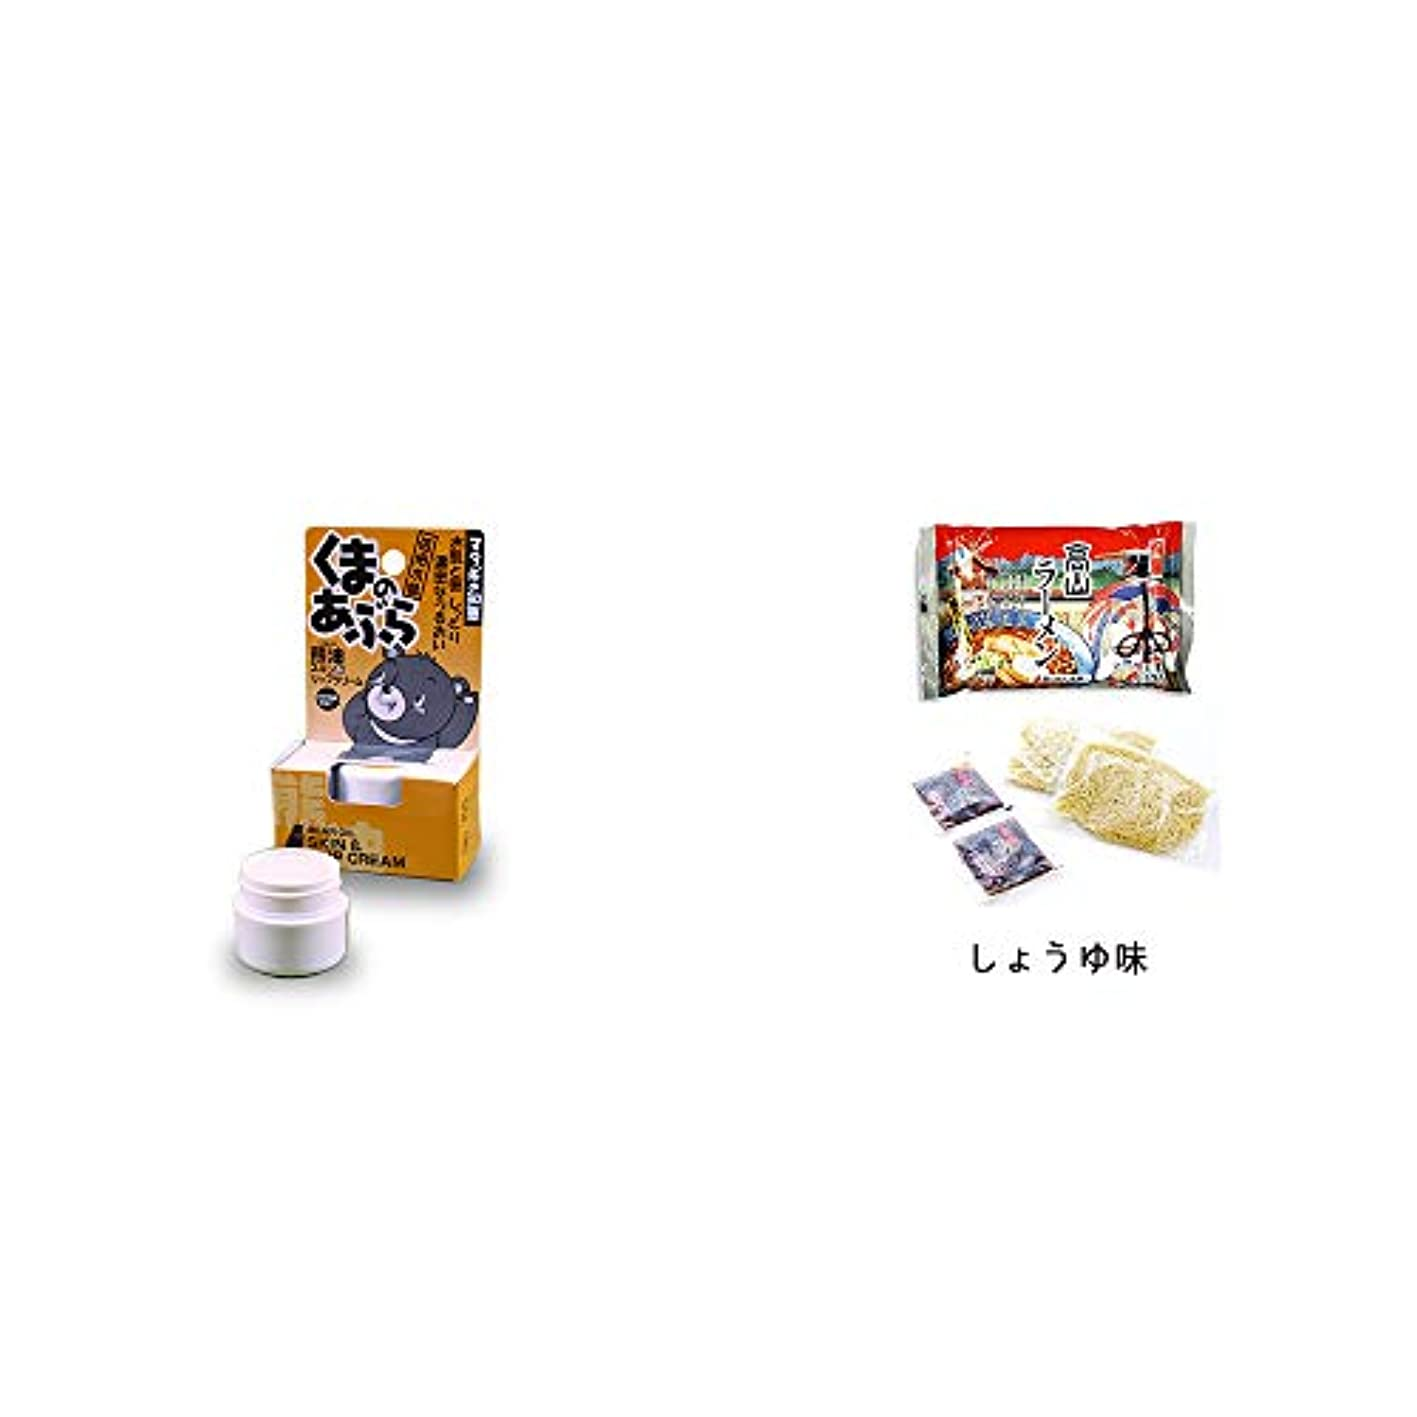 穴大通りメタルライン[2点セット] 信州木曽 くまのあぶら 熊油スキン&リップクリーム(9g)?飛騨高山ラーメン[生麺?スープ付 (しょうゆ味)]